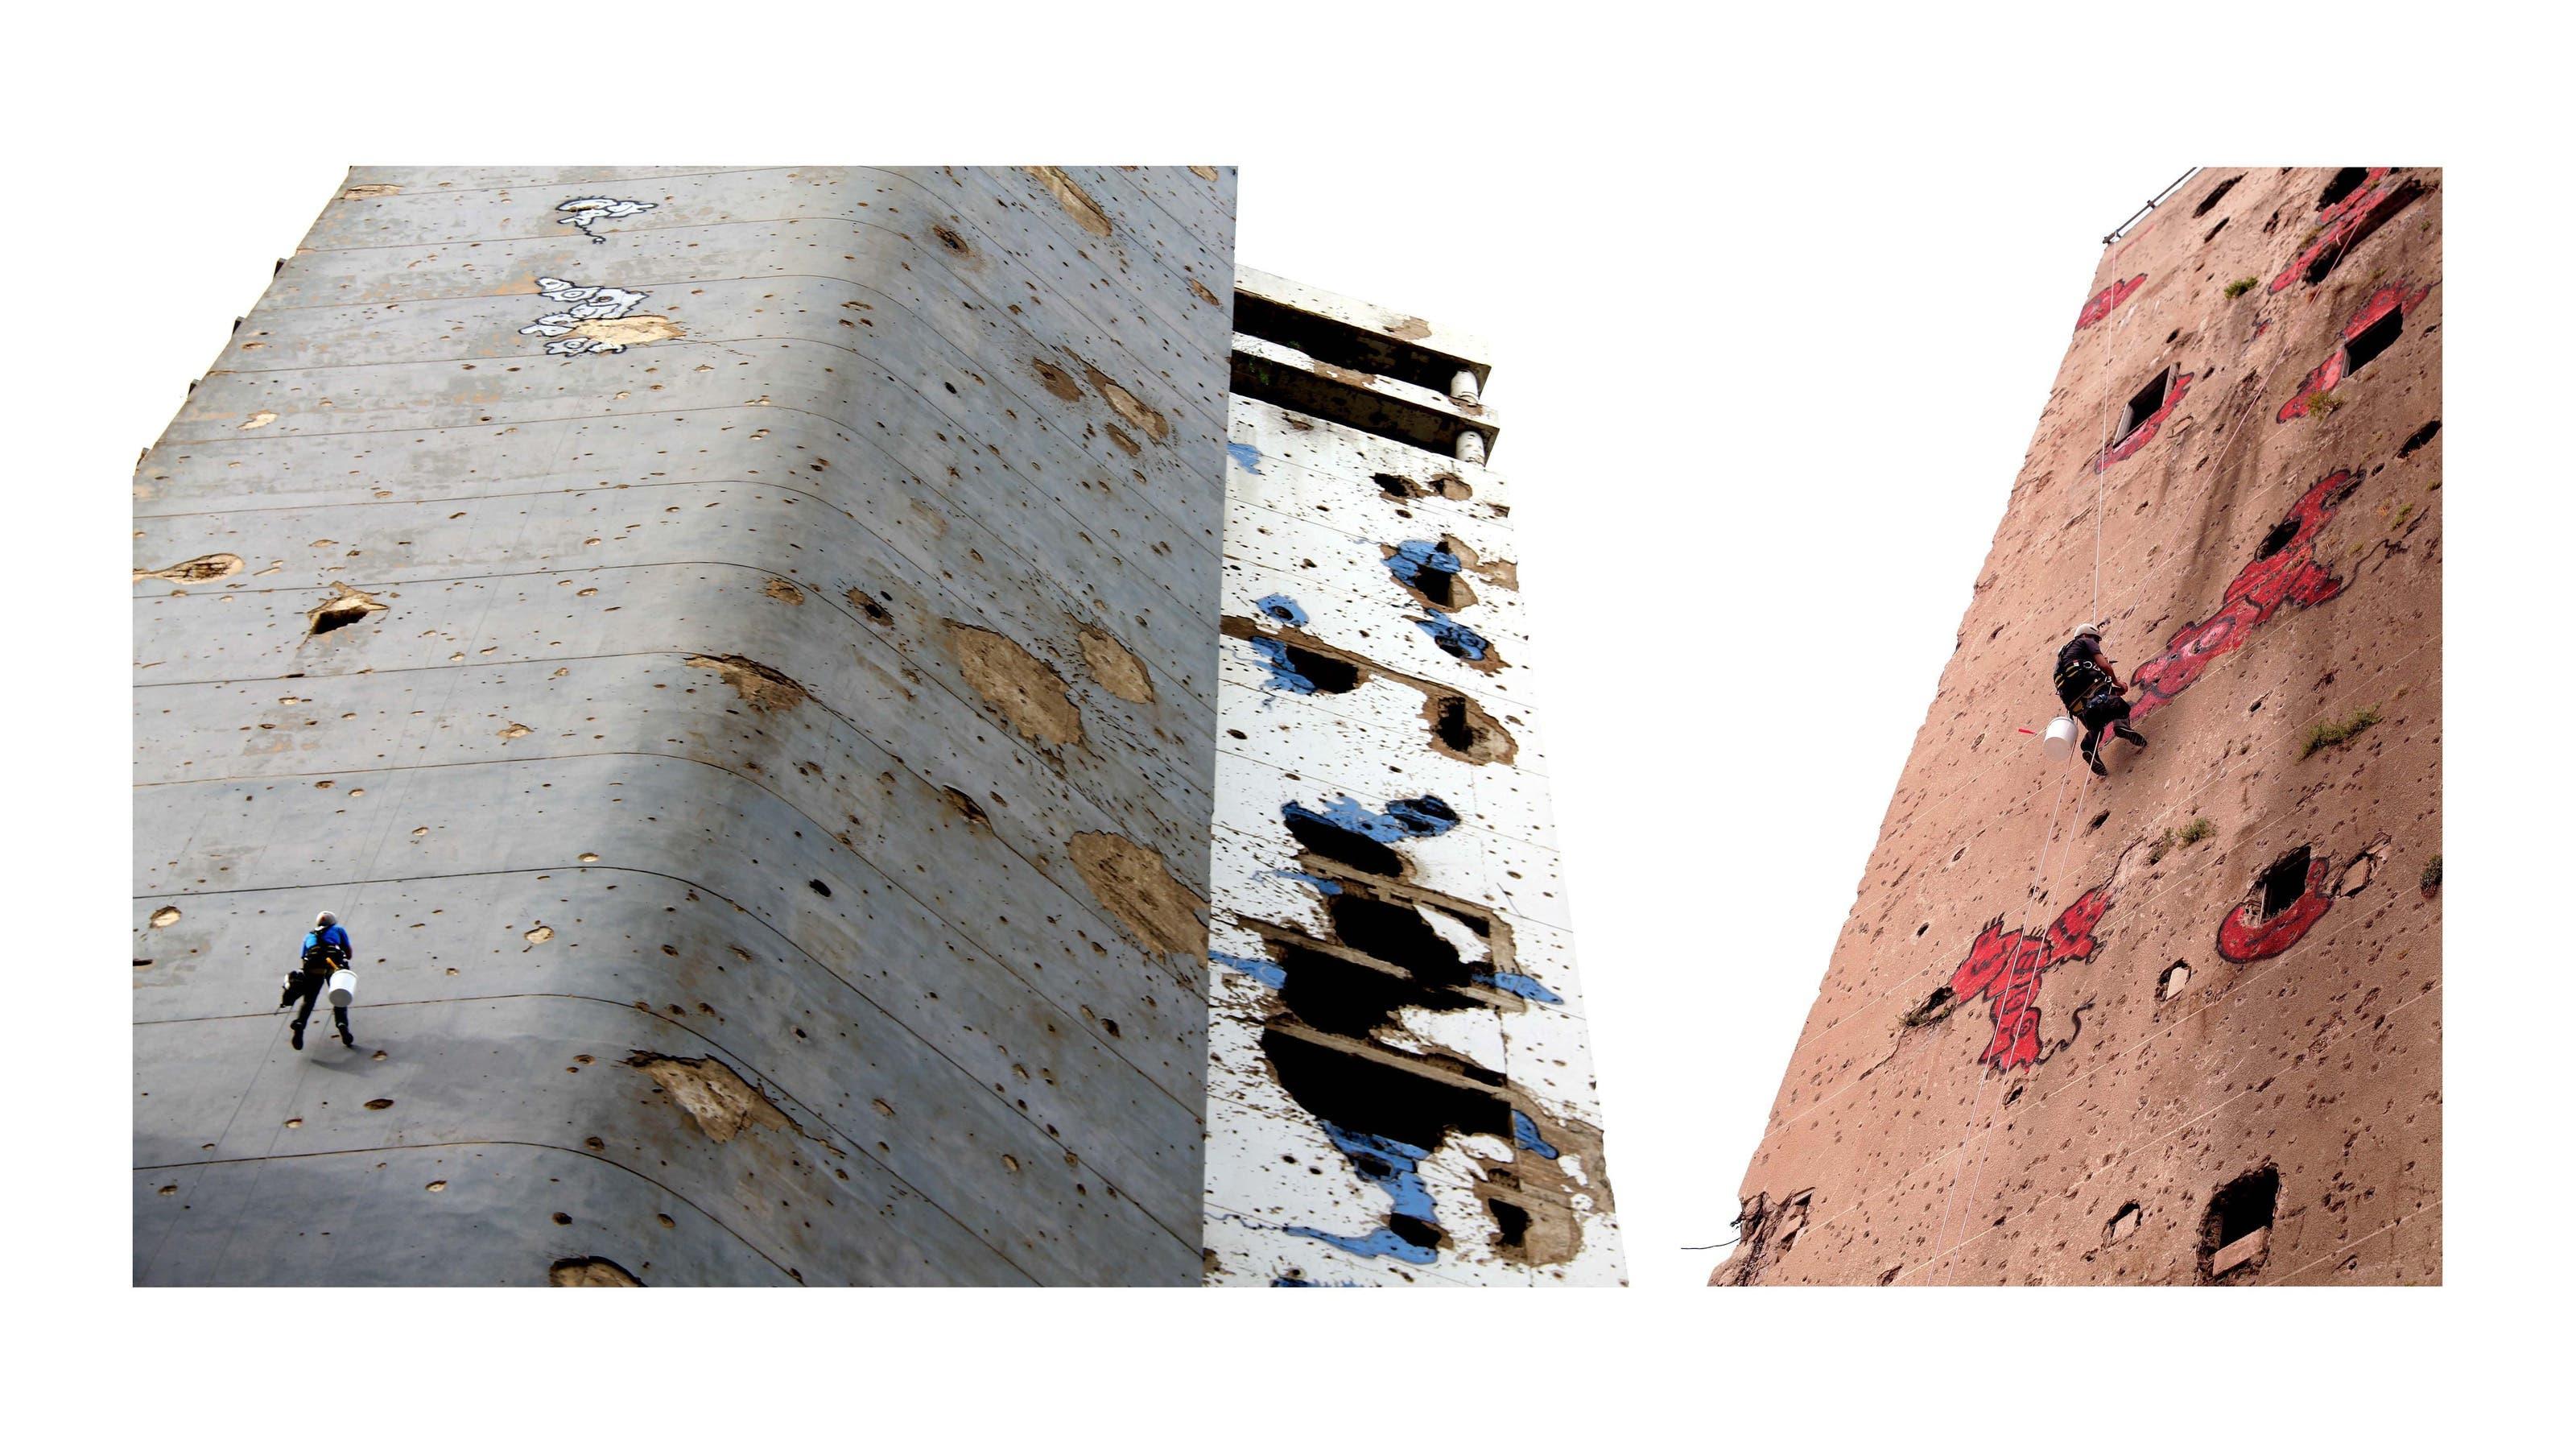 Als er aus Kuwait zurückkam im Sommer 2017 begann er die Kriegsspuren an Häusern zu Figuren zu entwickeln. Weil das einiges an Kritik nach sich zog, entschied er sich, auf die Figuren zu verzichten und Einschusslöcher fortan nur noch mit Farbe zu markieren - wie Textstellen mit einem Leuchtstift.